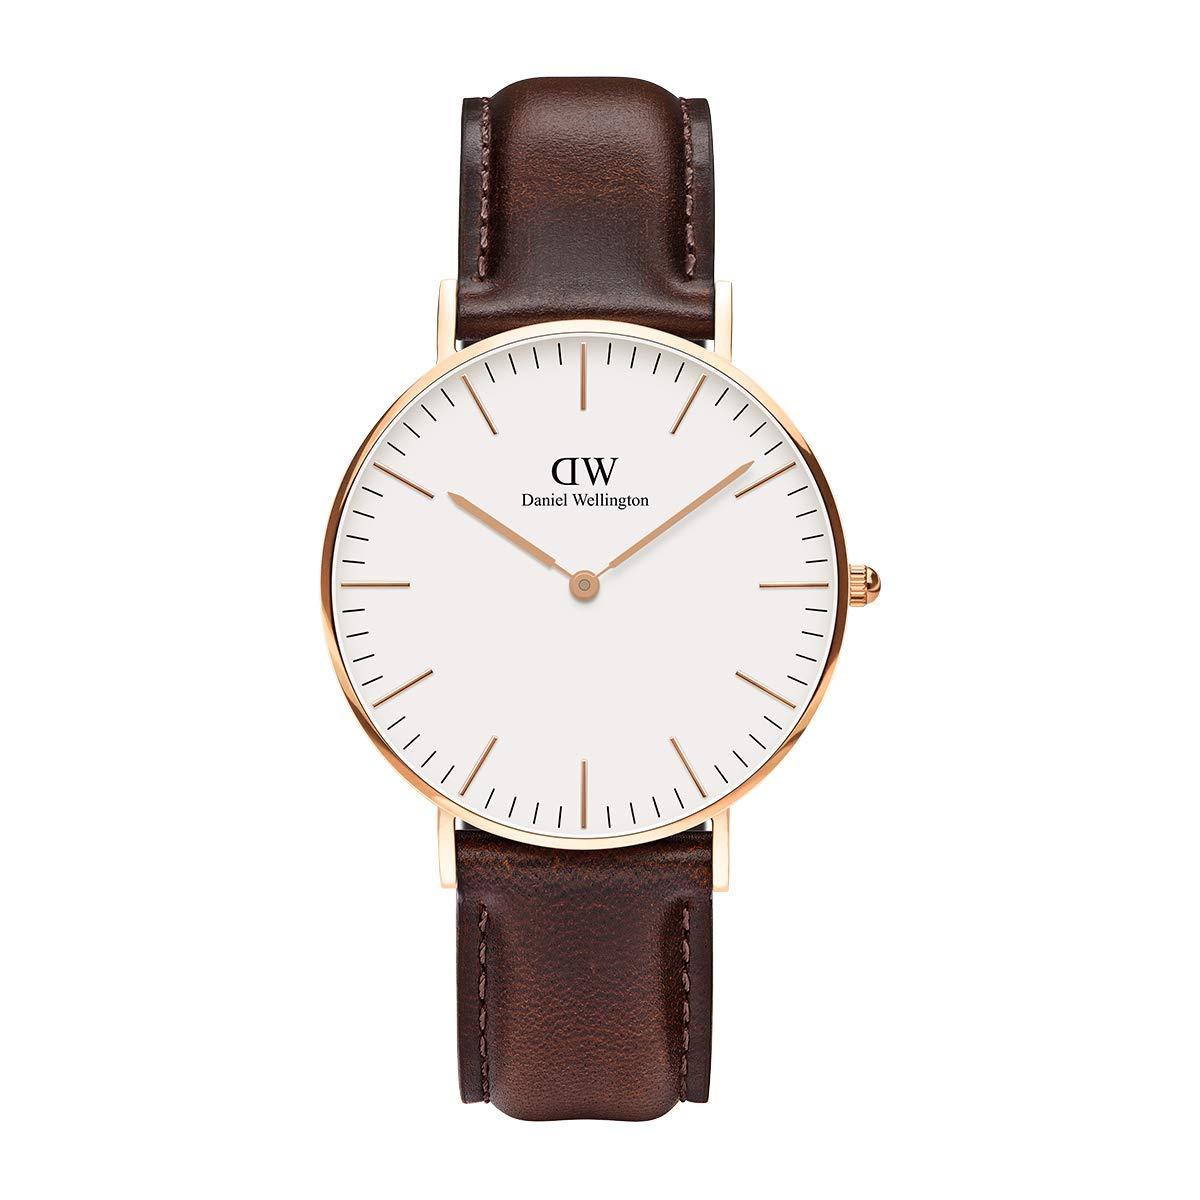 Daniel Wellington Trenduhren  Classic Bristol, Dunkelbraun/Roségold Uhr, 36mm, Leder, für Damen und Herren